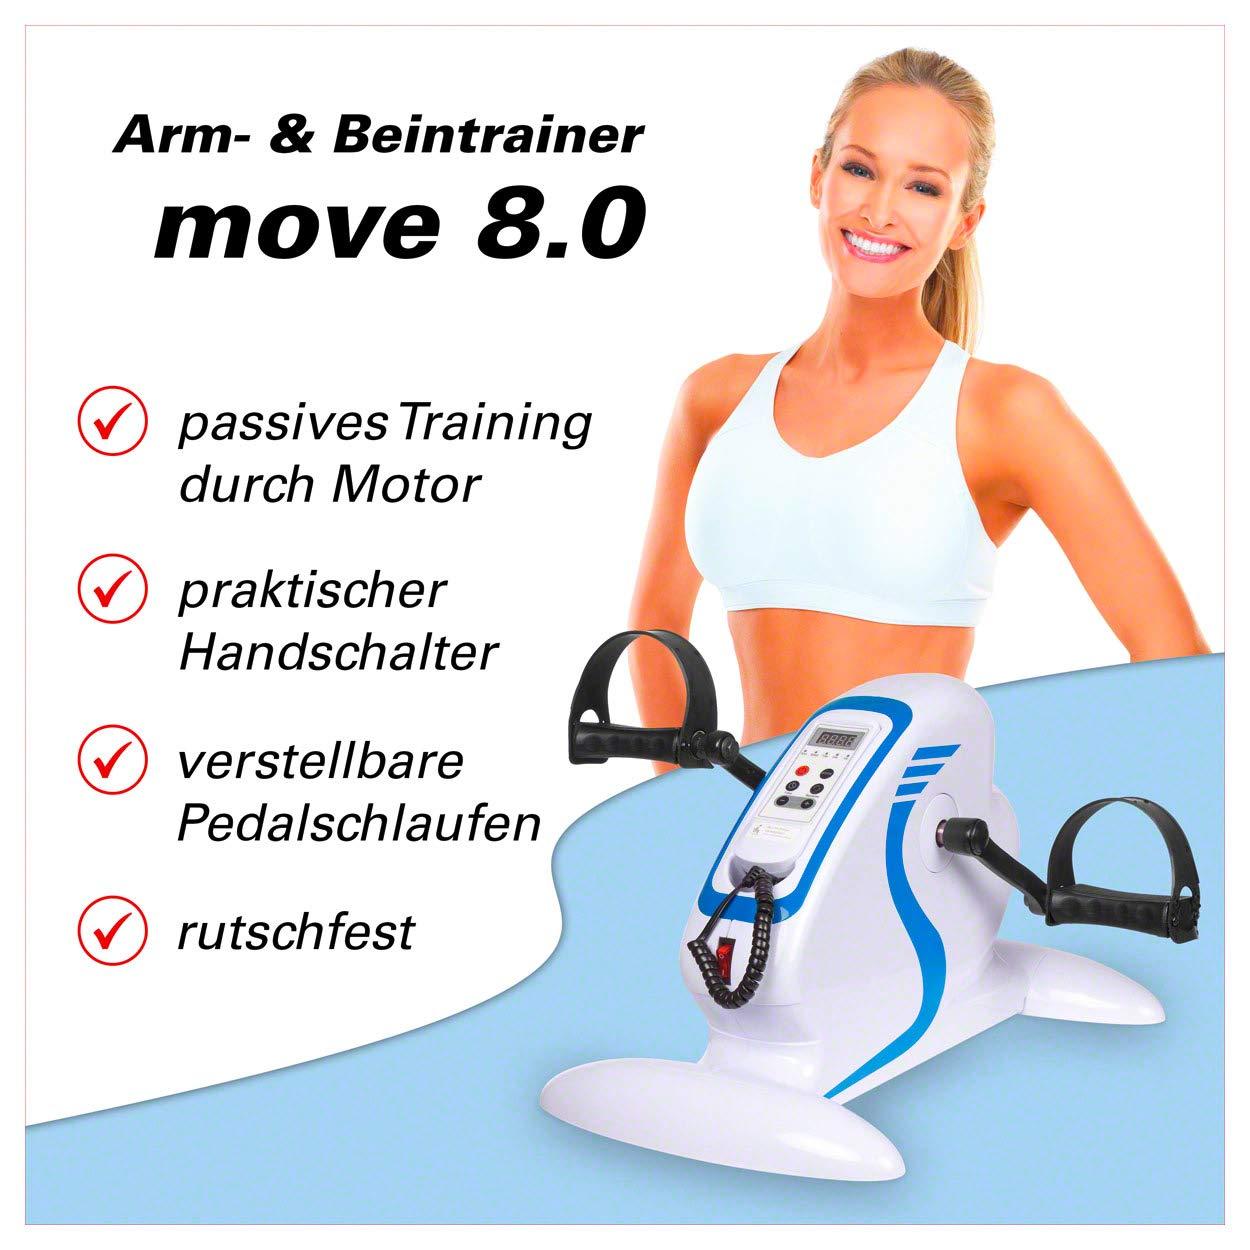 Sport-Tec Arm- und Beintrainer Armtrainer Home Fitness Fitrnesstrainer motorgestützt mit Display